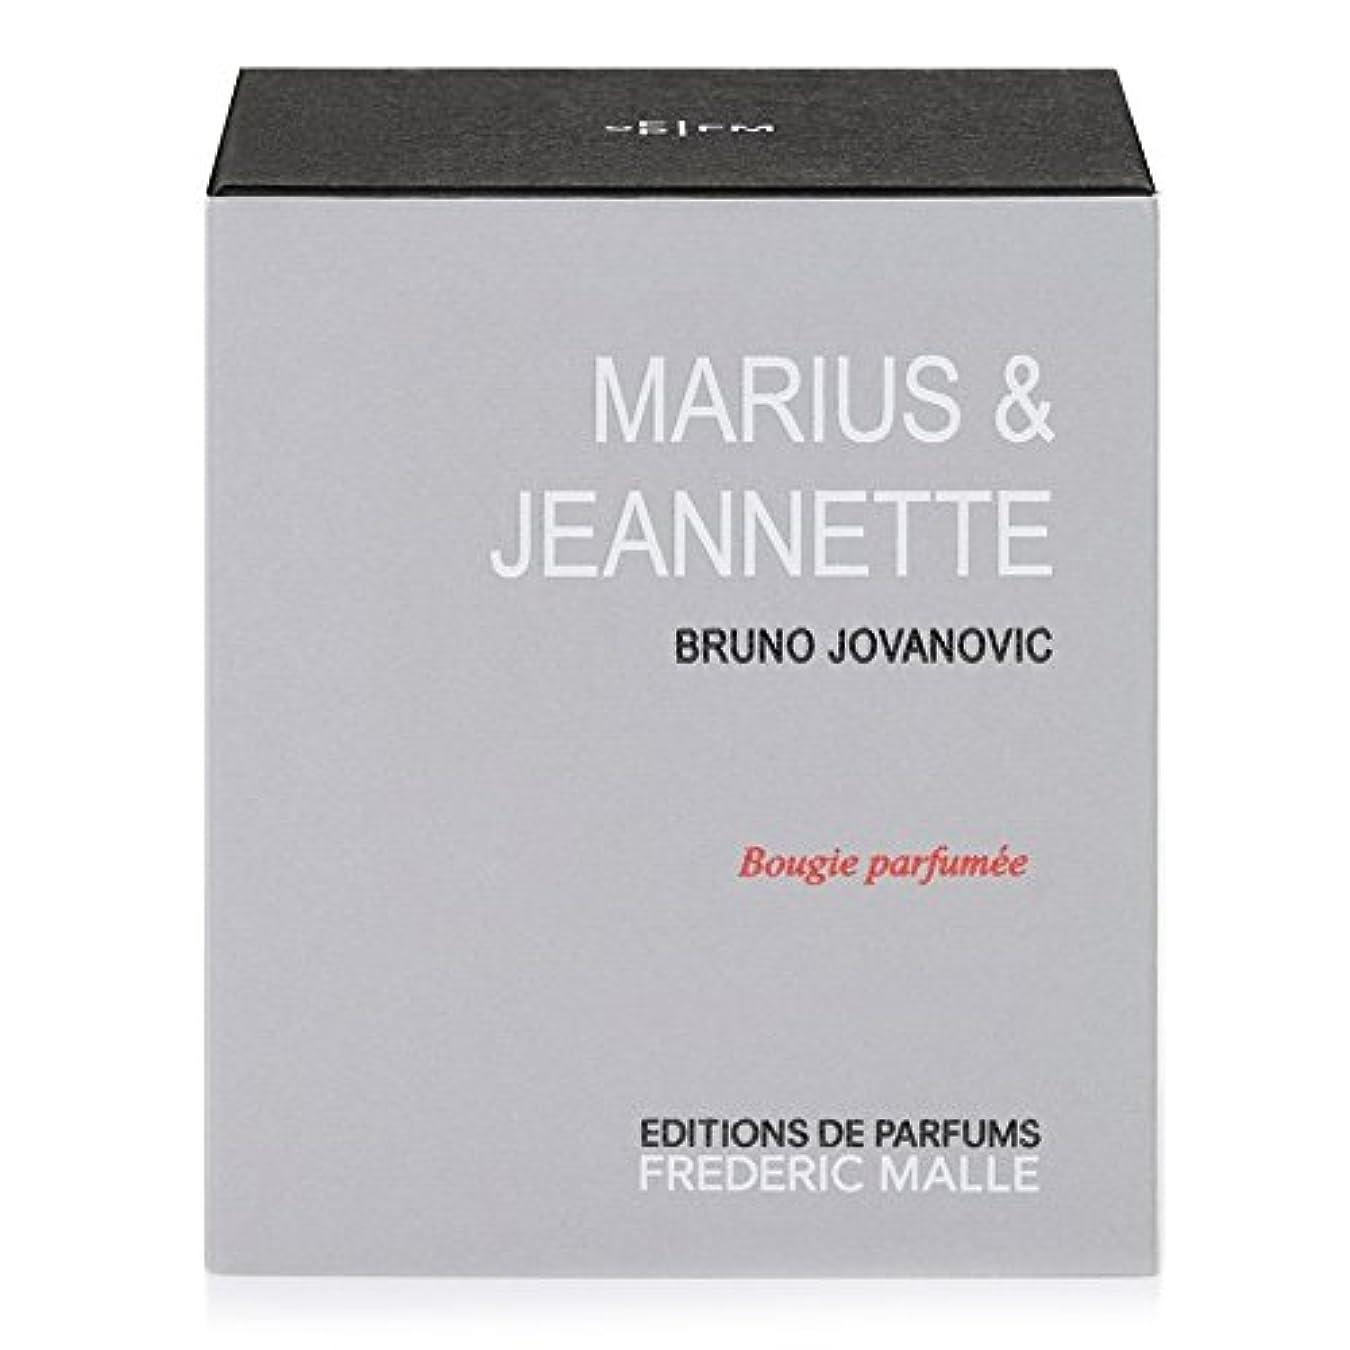 体現する条件付きイーウェルFrederic Malle Maruis and Jeanette Scented Candle (Pack of 4) - フレデリック?マル とジャネット?香りのキャンドル x4 [並行輸入品]